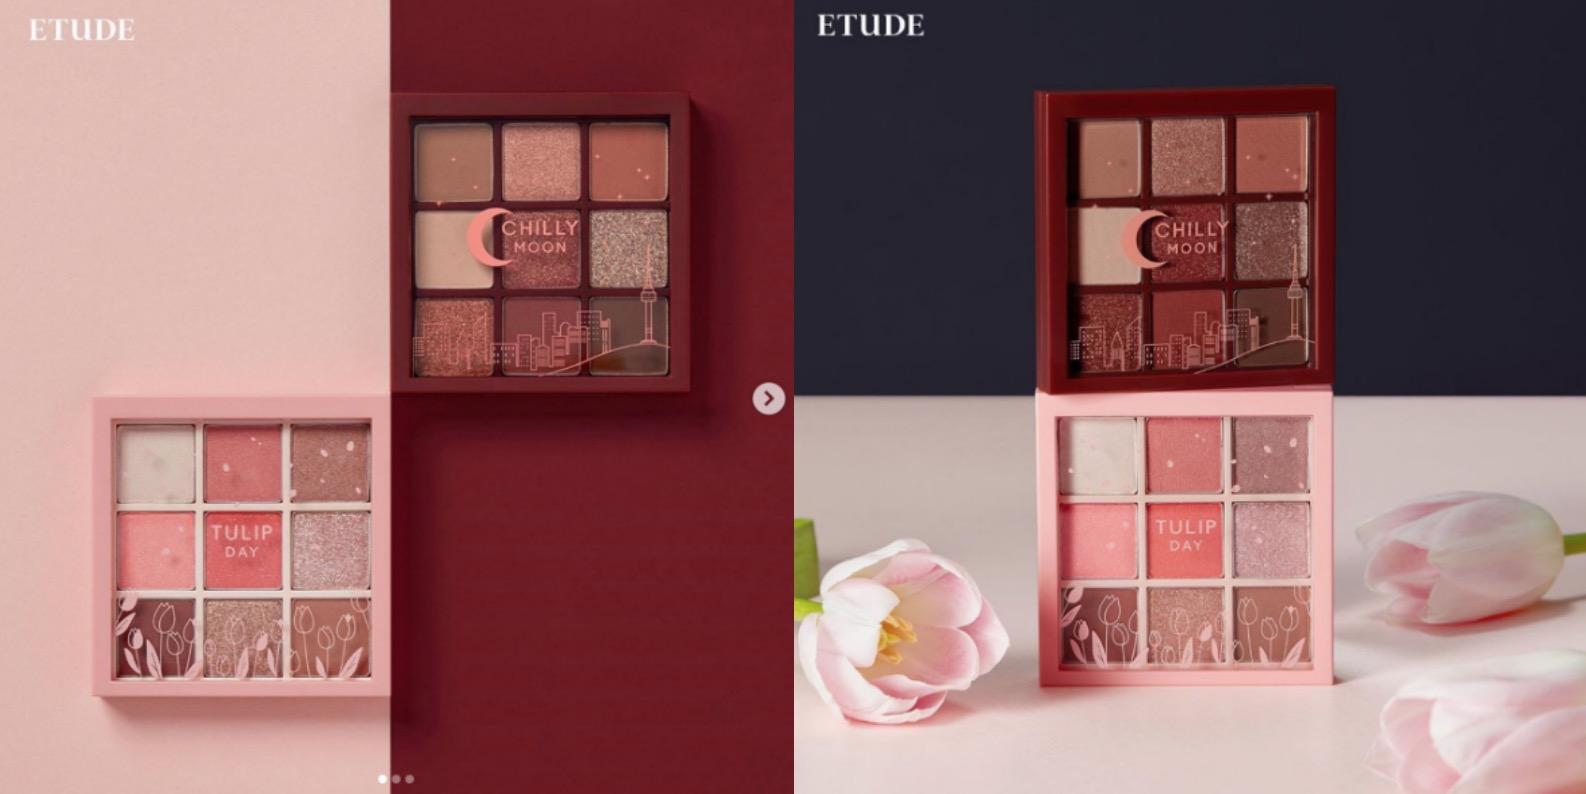 大地暖色跟珊瑚粉色系是今年最受關注的眼彩盤,ETUDE HOUSE一次把9款時髦眼色放入彩盤,讓你不會選擇困難